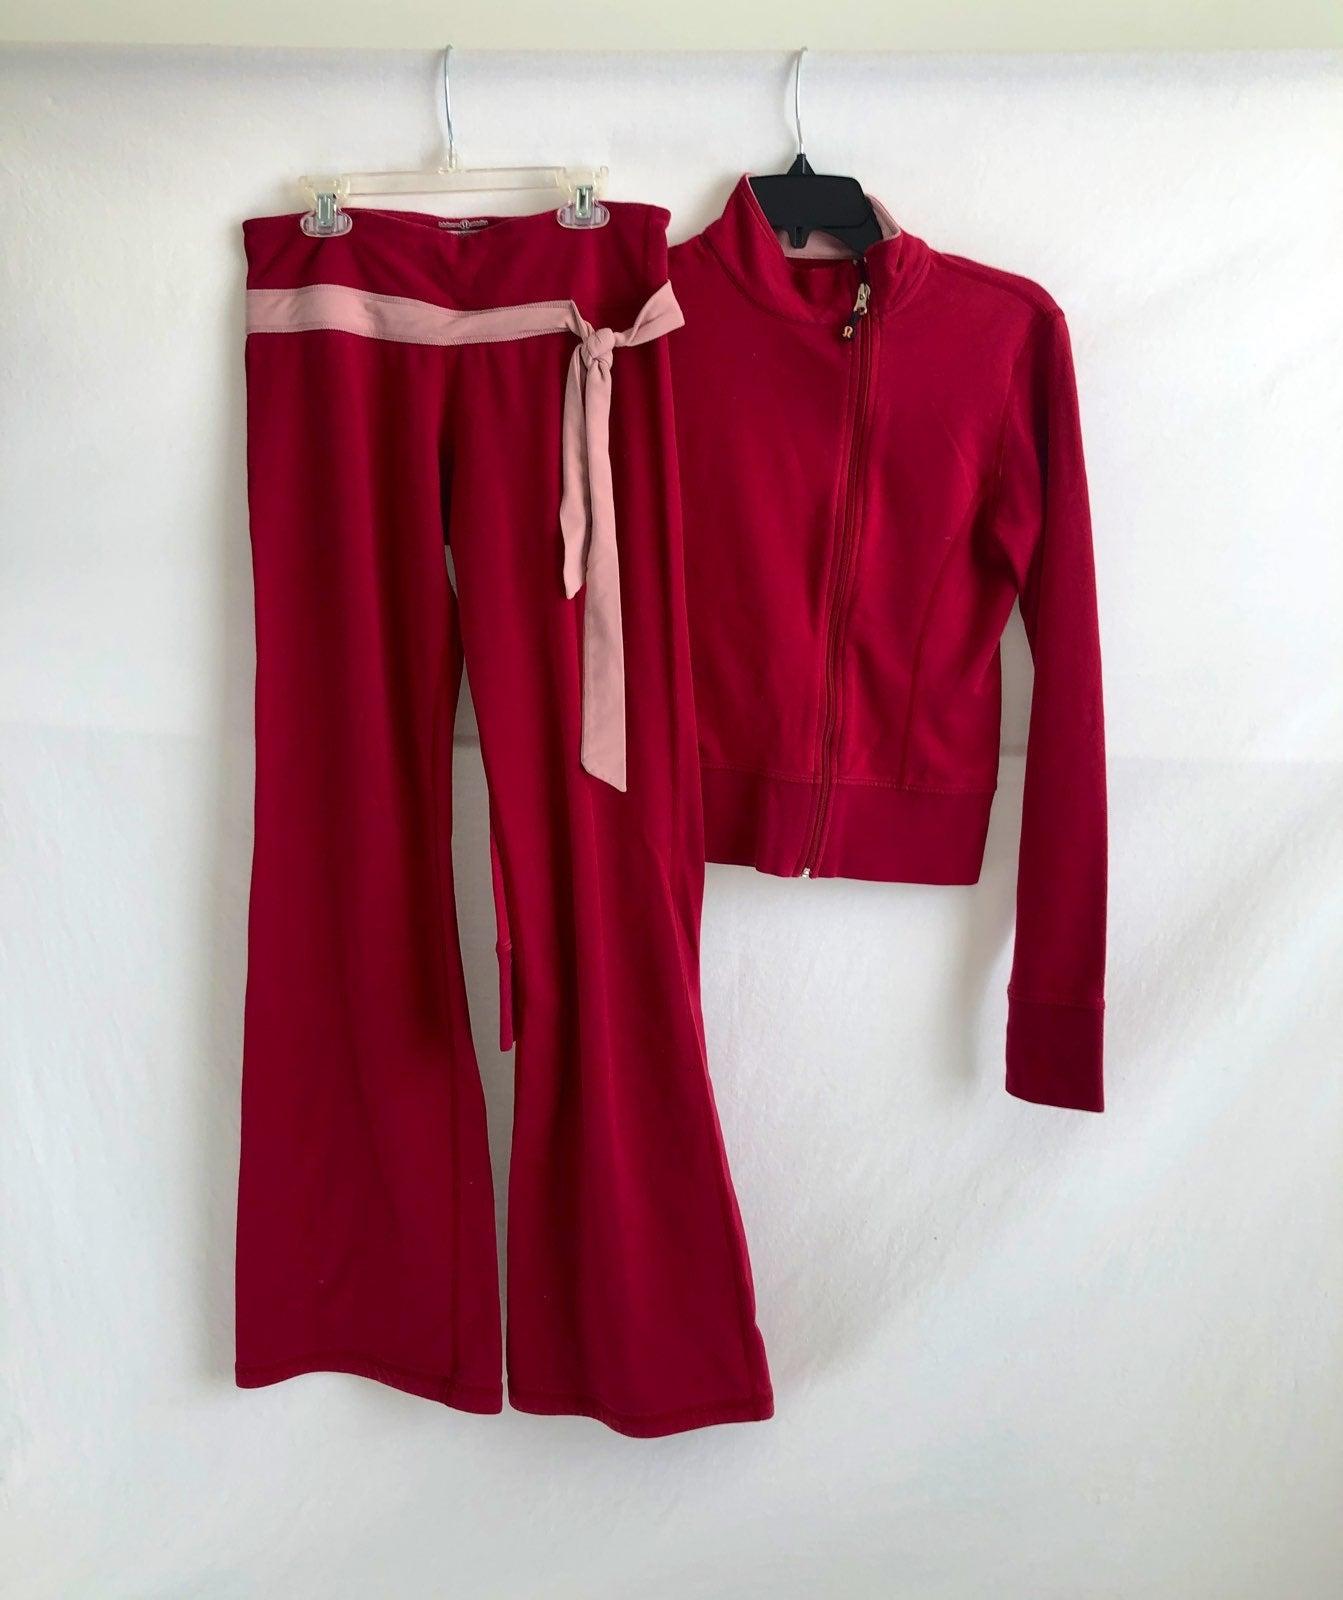 Lululemon Vintage Pants and Jacket